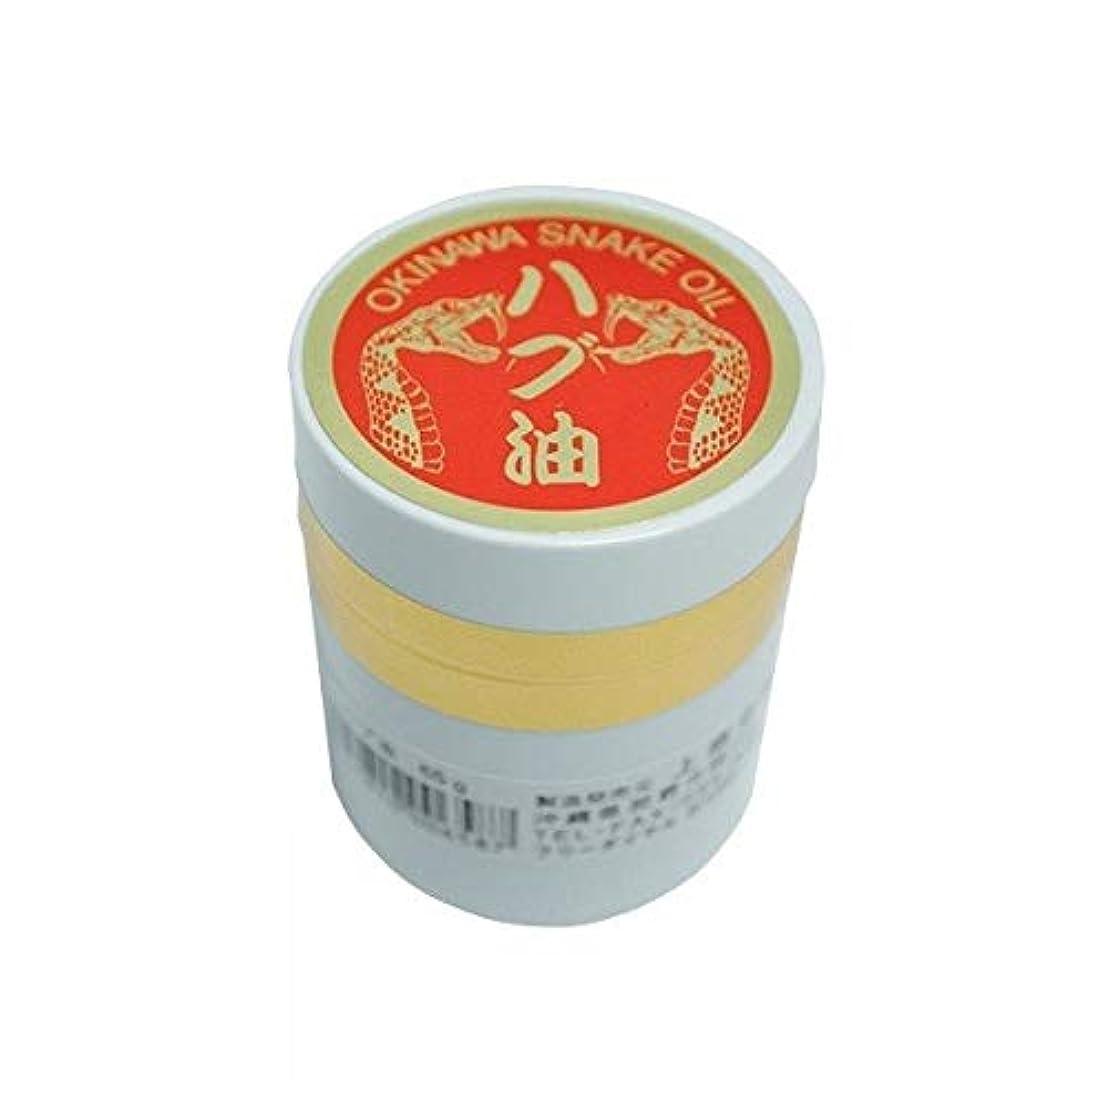 ファッション慎重葉を拾う沖縄産 ハブ油 65g 軟膏タイプ